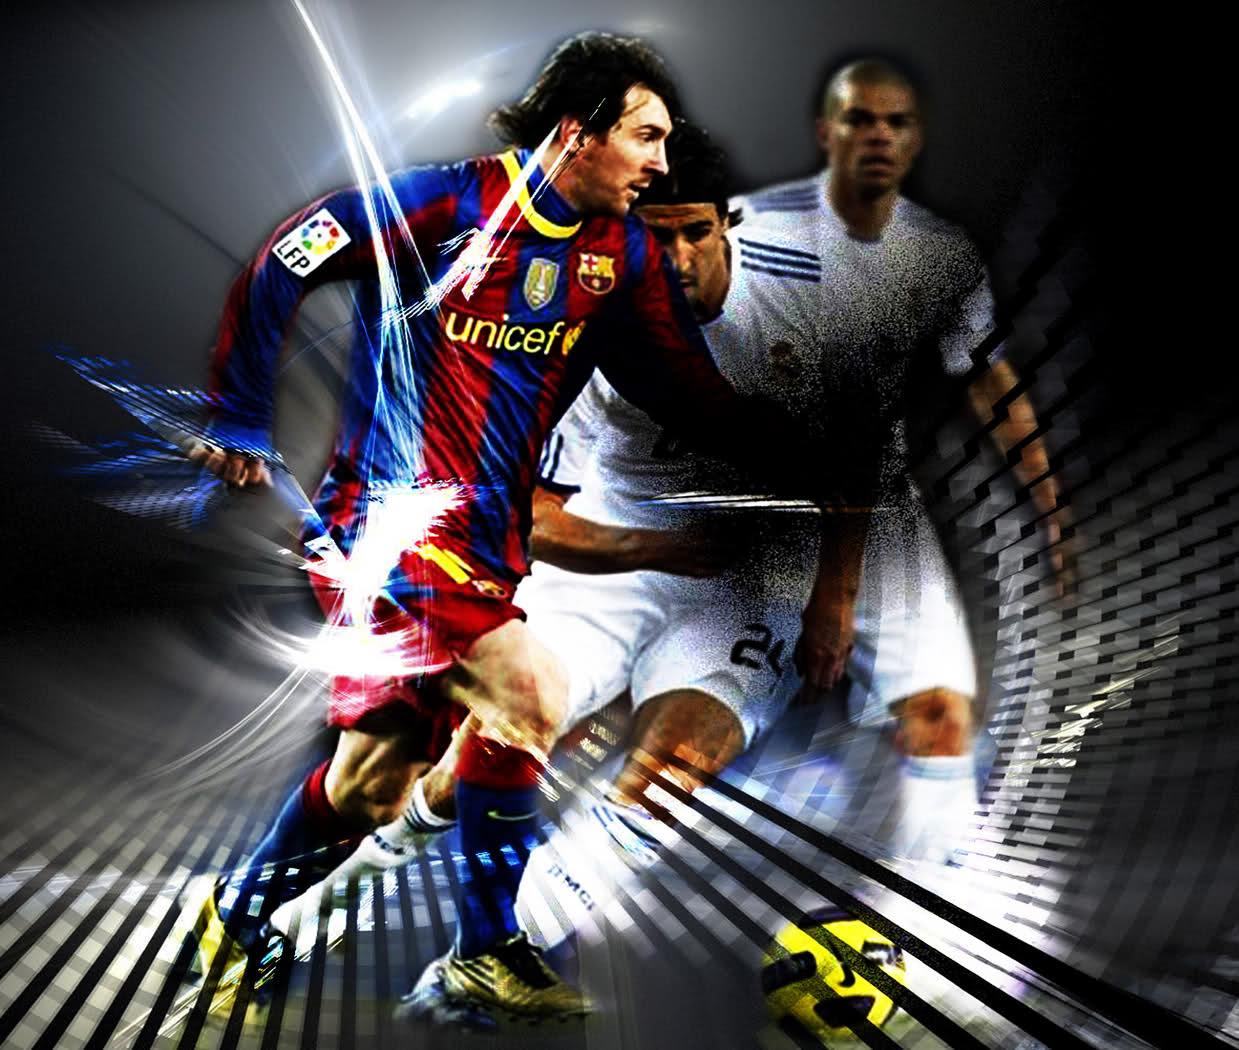 http://3.bp.blogspot.com/-AN0yFcJ7H5I/UFh9v1YYL6I/AAAAAAAAAVM/Kaal9reZtH4/s1600/FC-Barcelona-hq-Messi-Lionel-Messi-Wallpaper.jpg